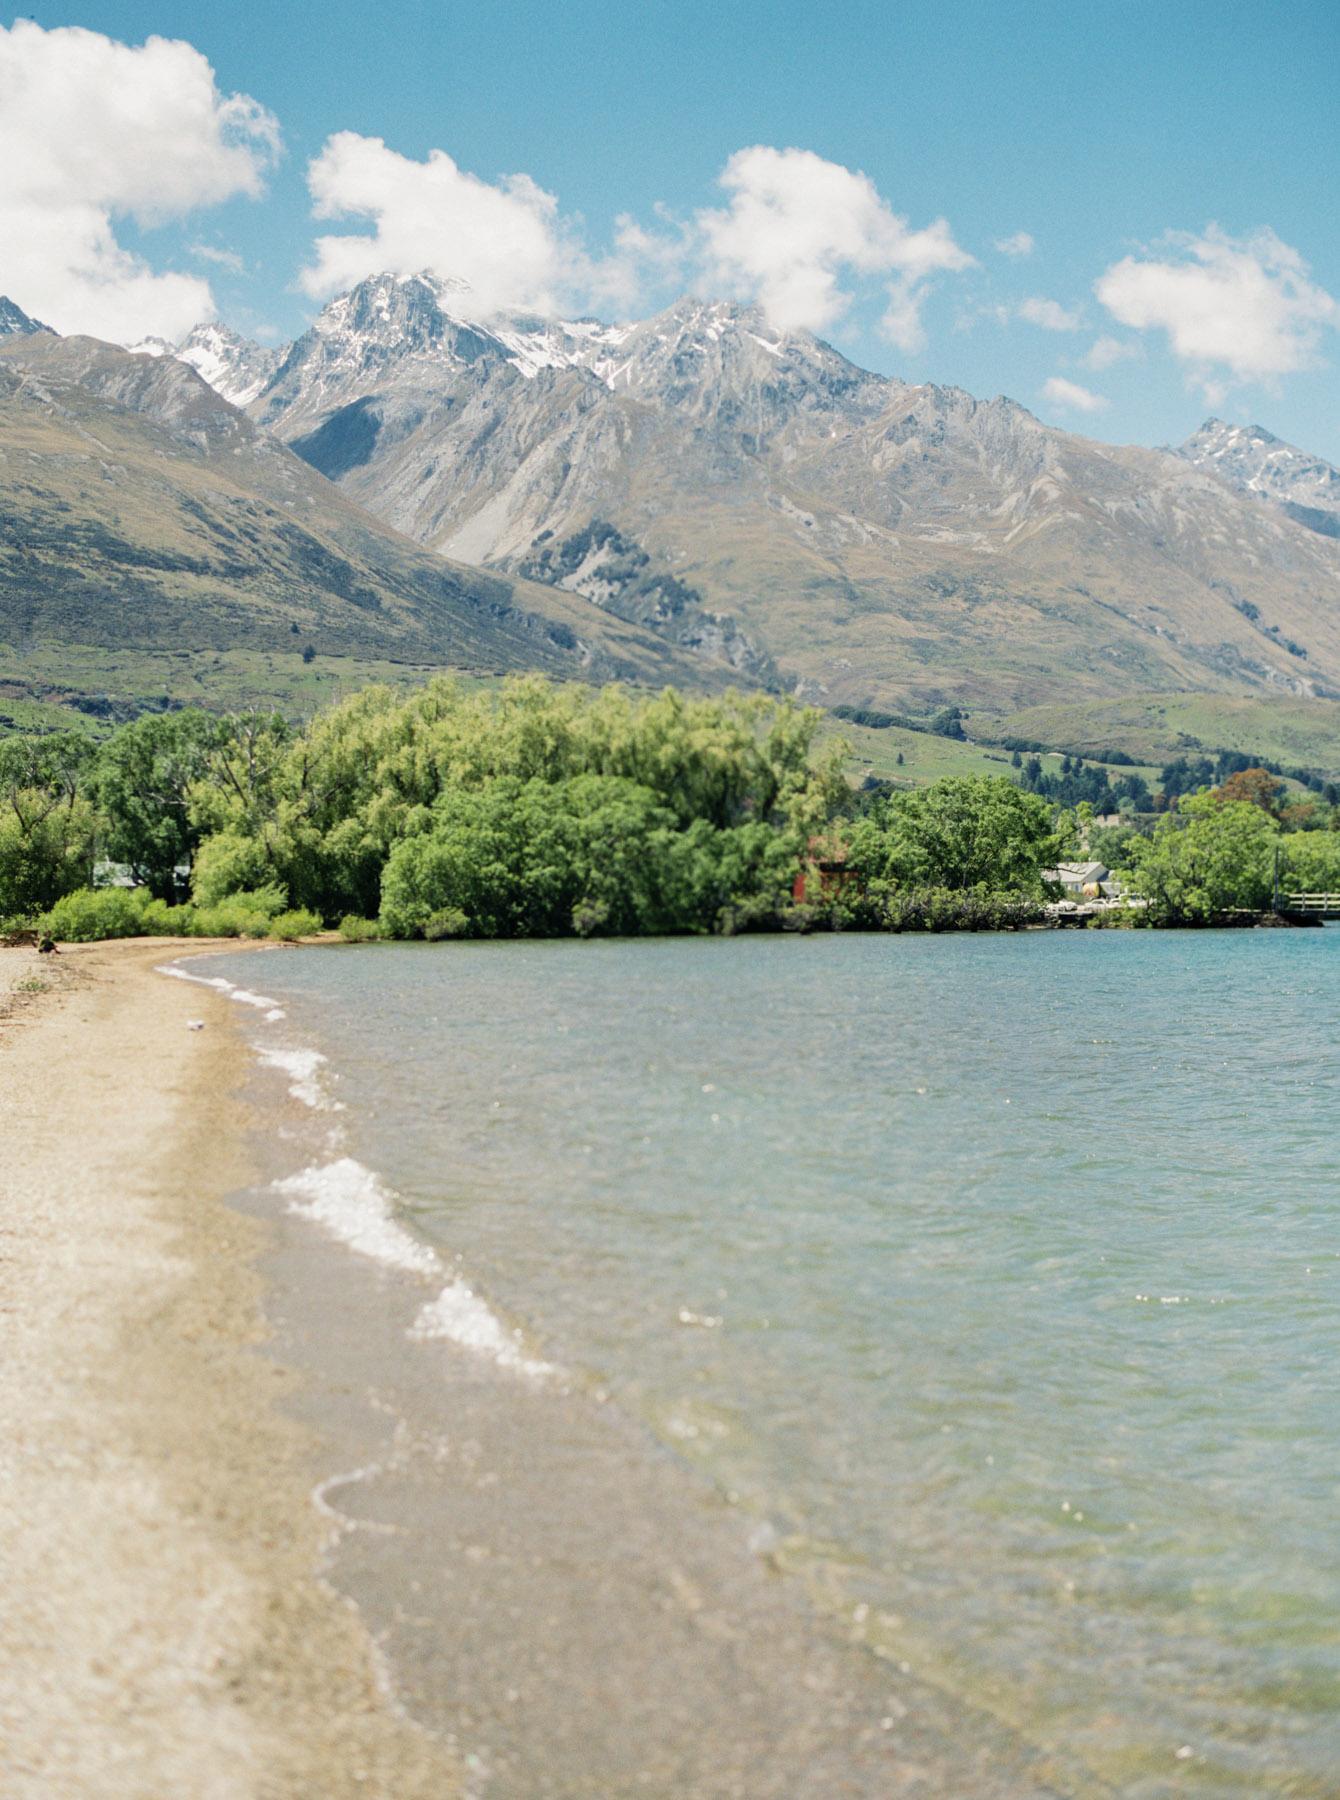 紐西蘭風景之美-Tekapo-蒂卡